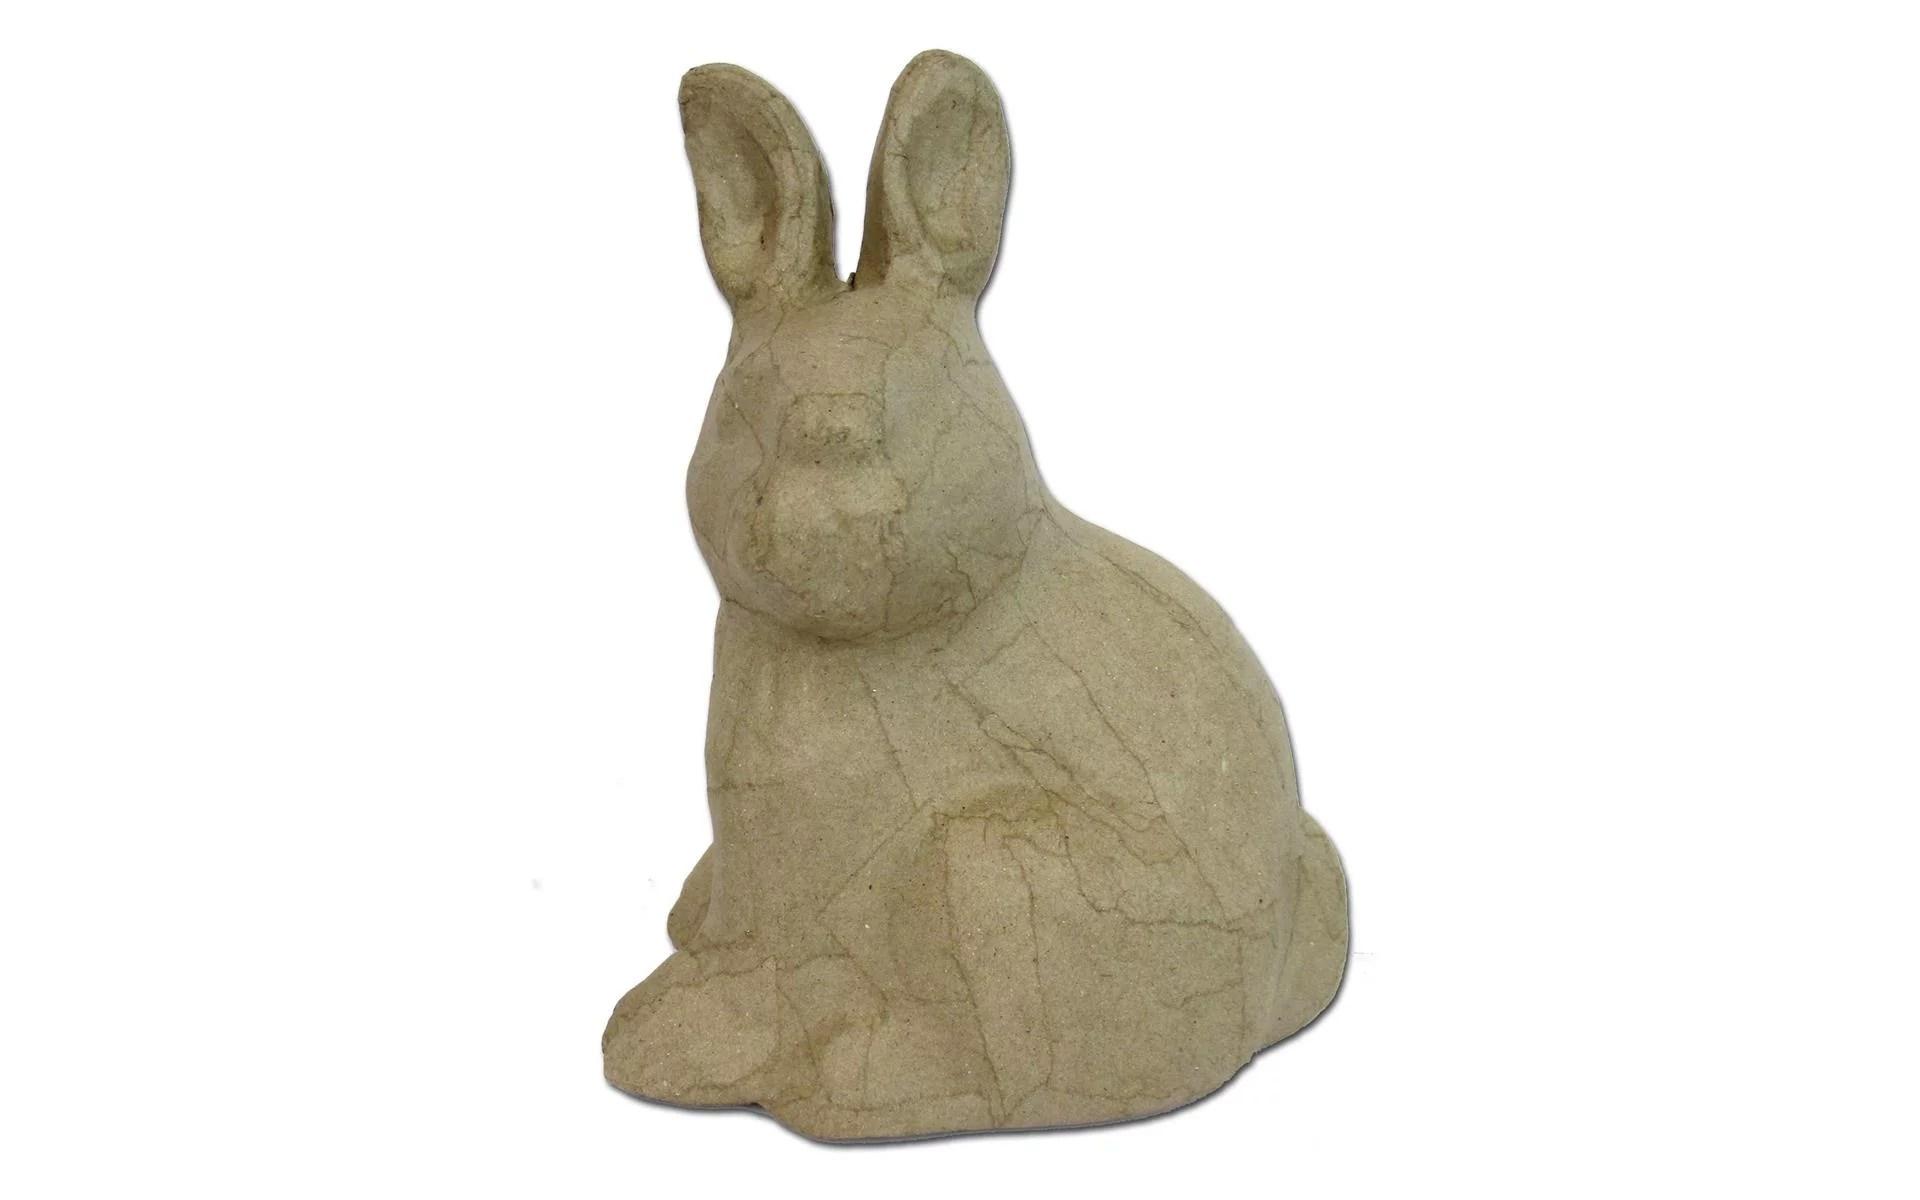 Pa Paper Mache Sitting Rabbit Head Turn Krf Walmartcom